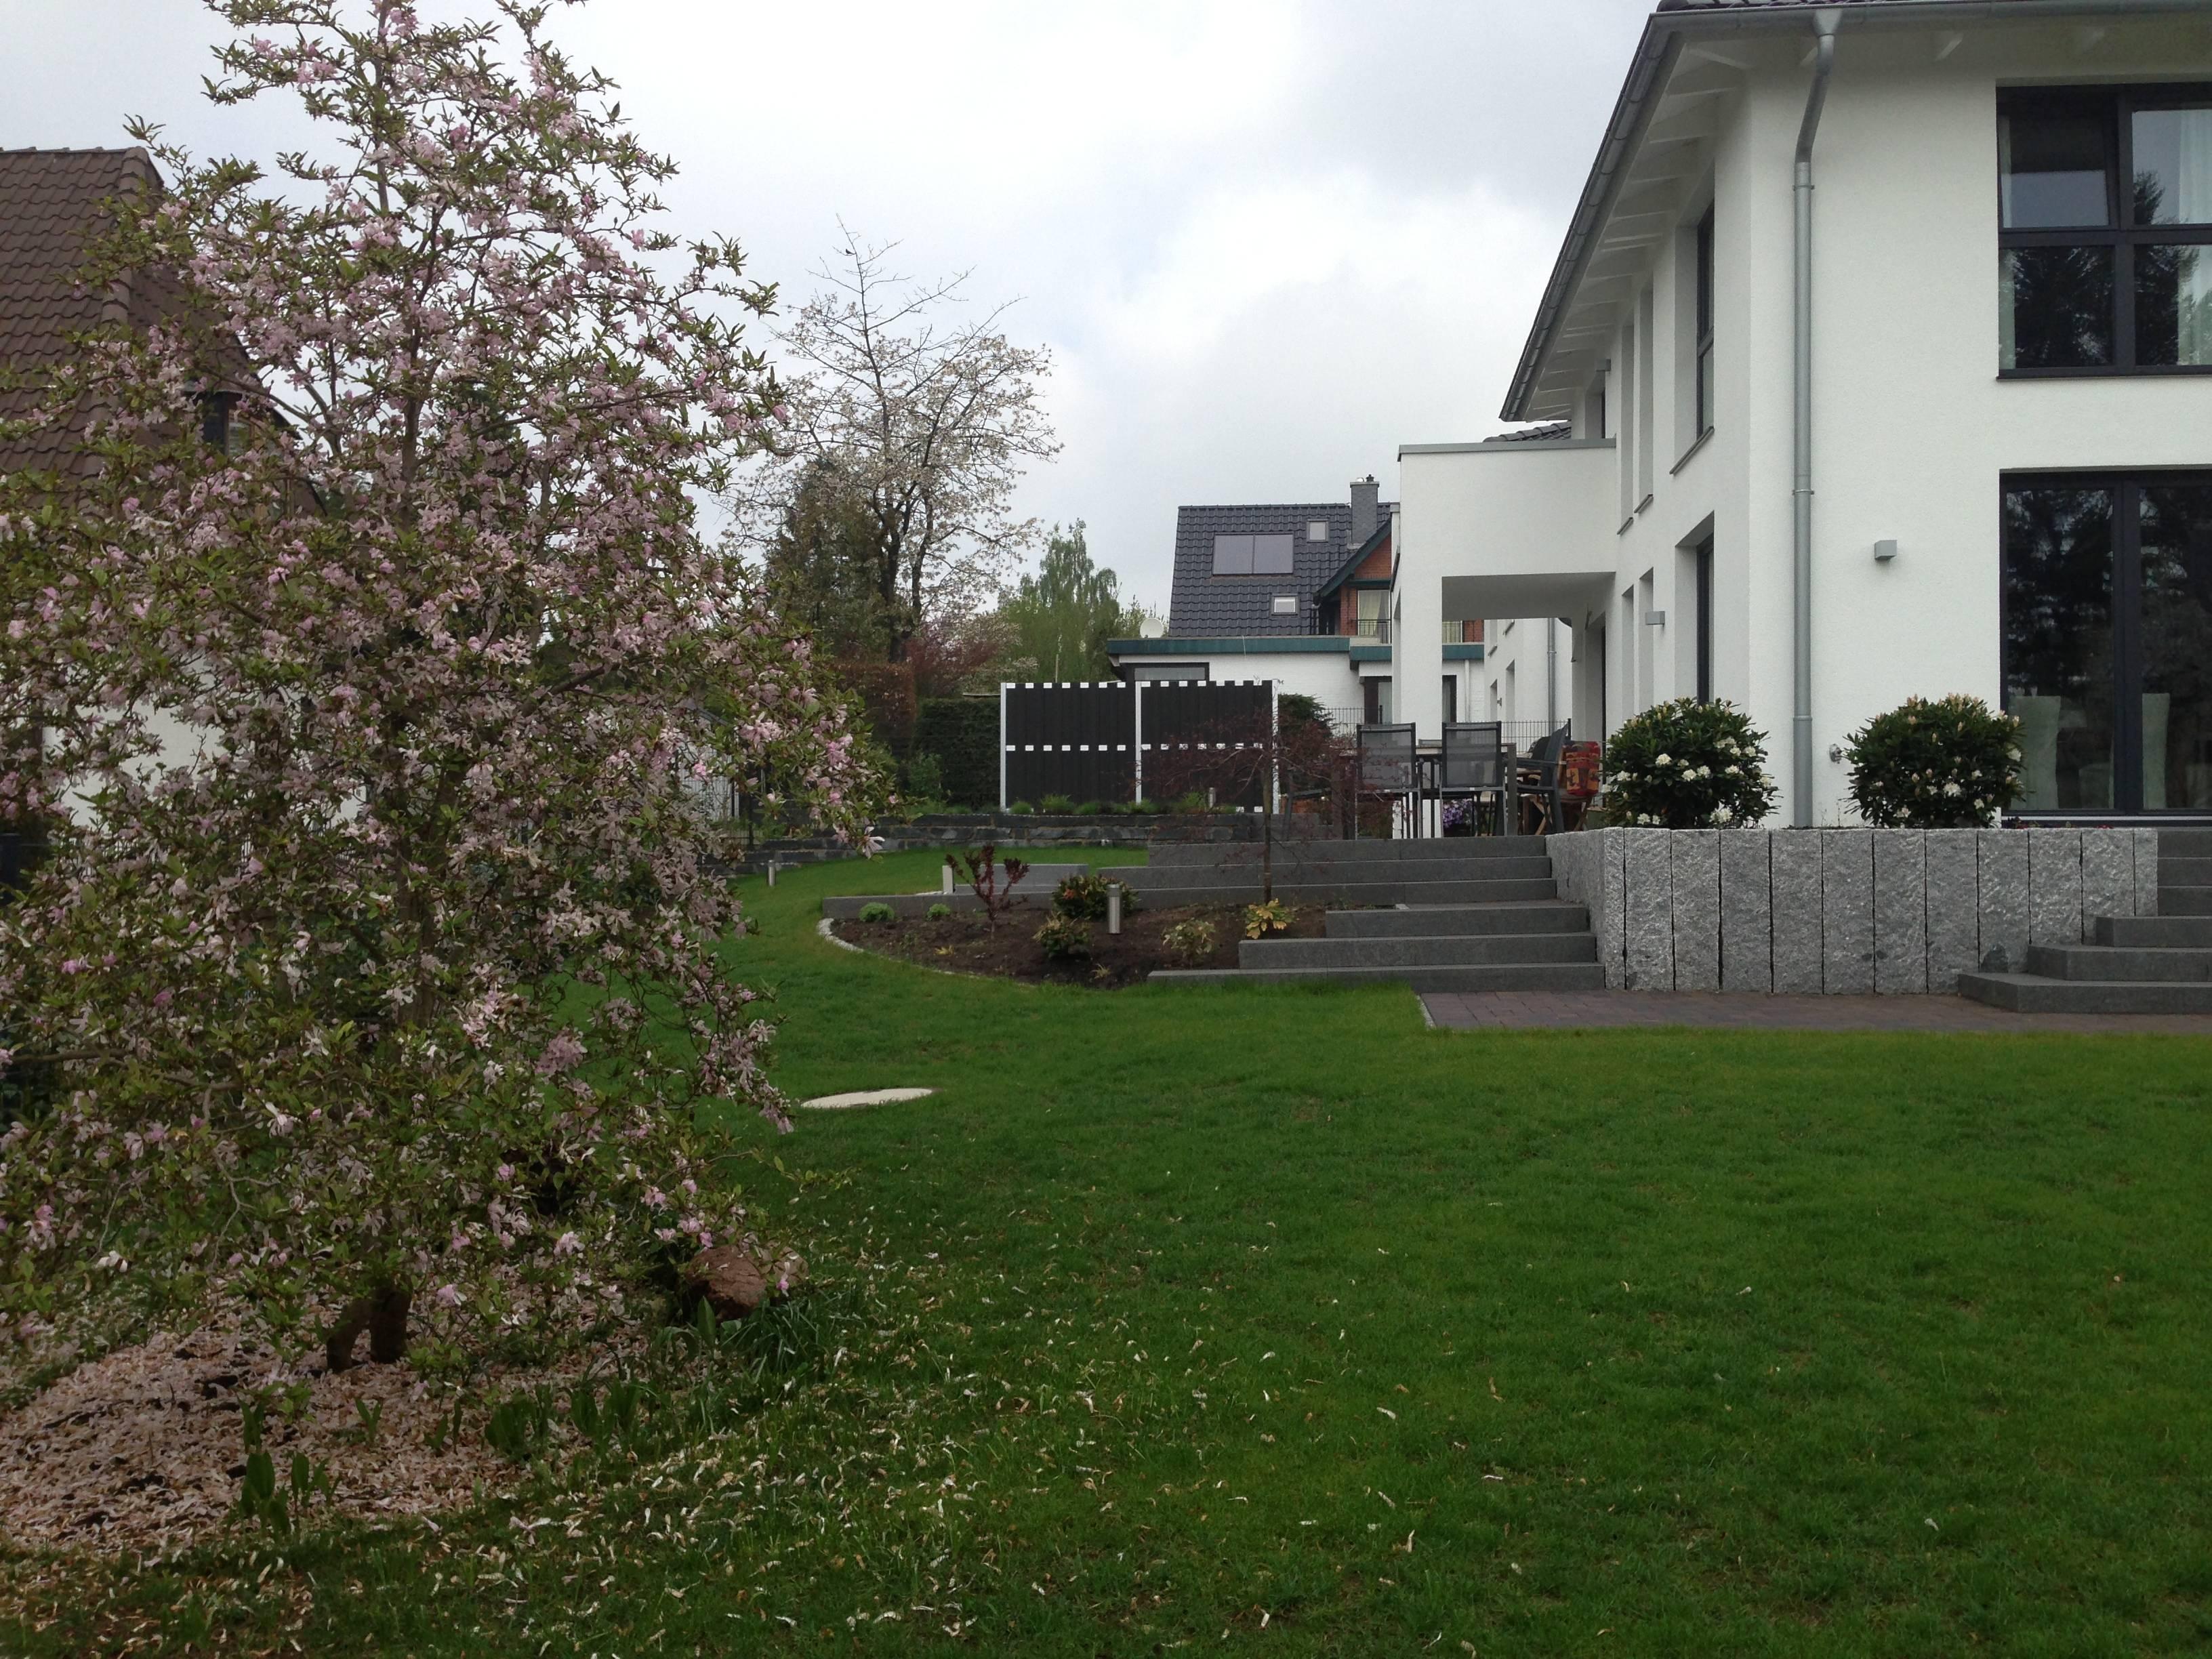 terrasse mit stufen | righini garten- und landschaftsbau